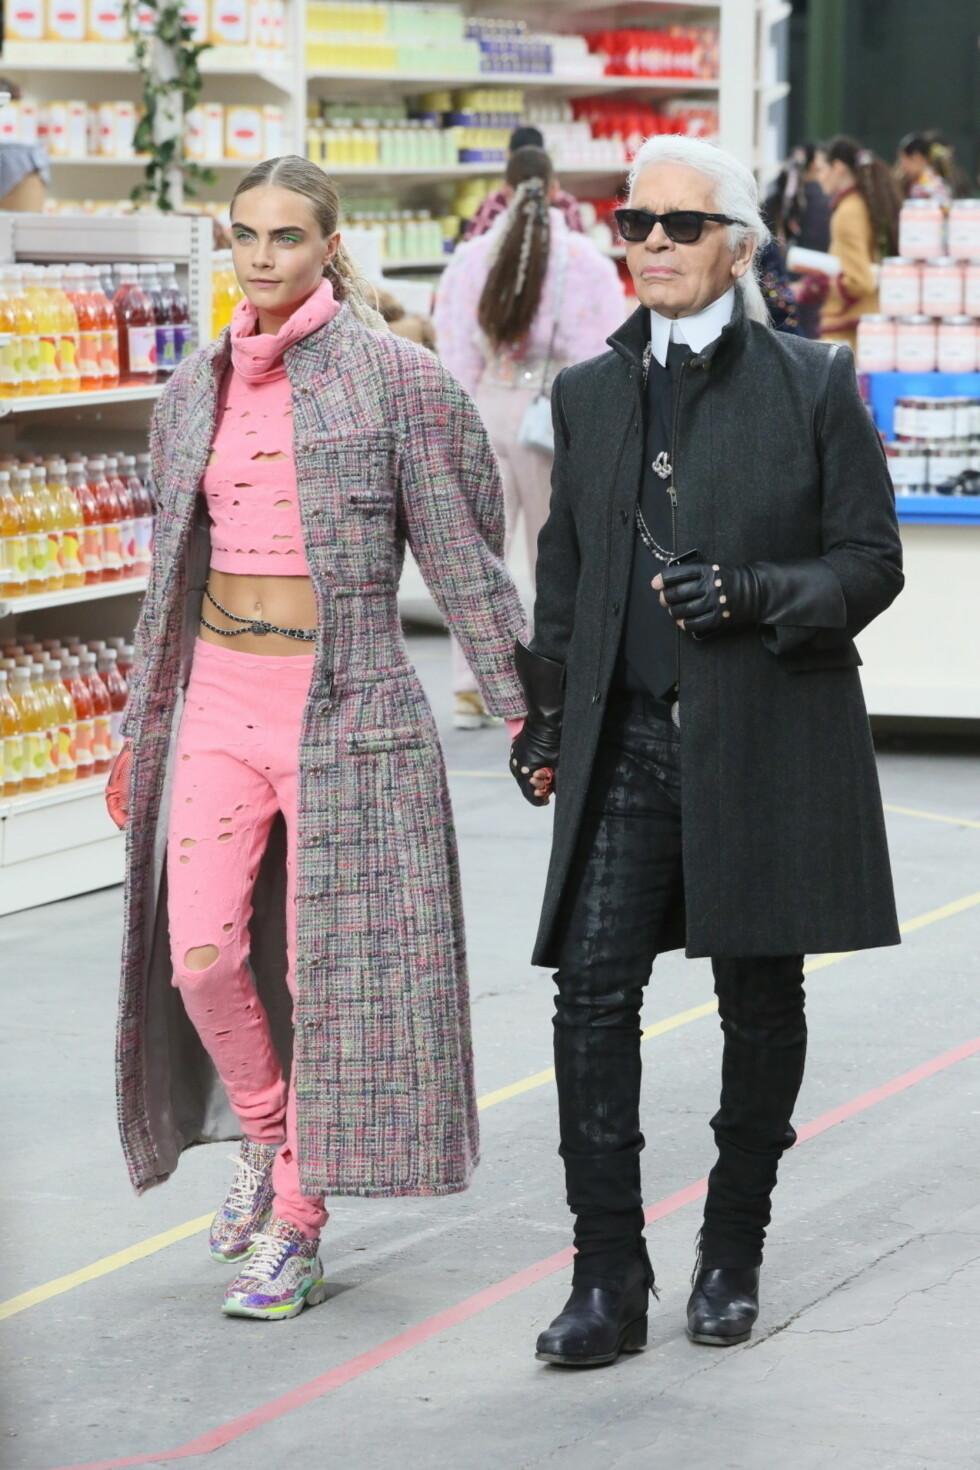 <strong>STJERNE:</strong> Cara regnes blant verdens toppmodeller, og i starten av mars gikk hun Chanels visning på Paris Fashion Week - her med sjefsdesigner Karl Lagerfeld. Foto: Stella Pictures